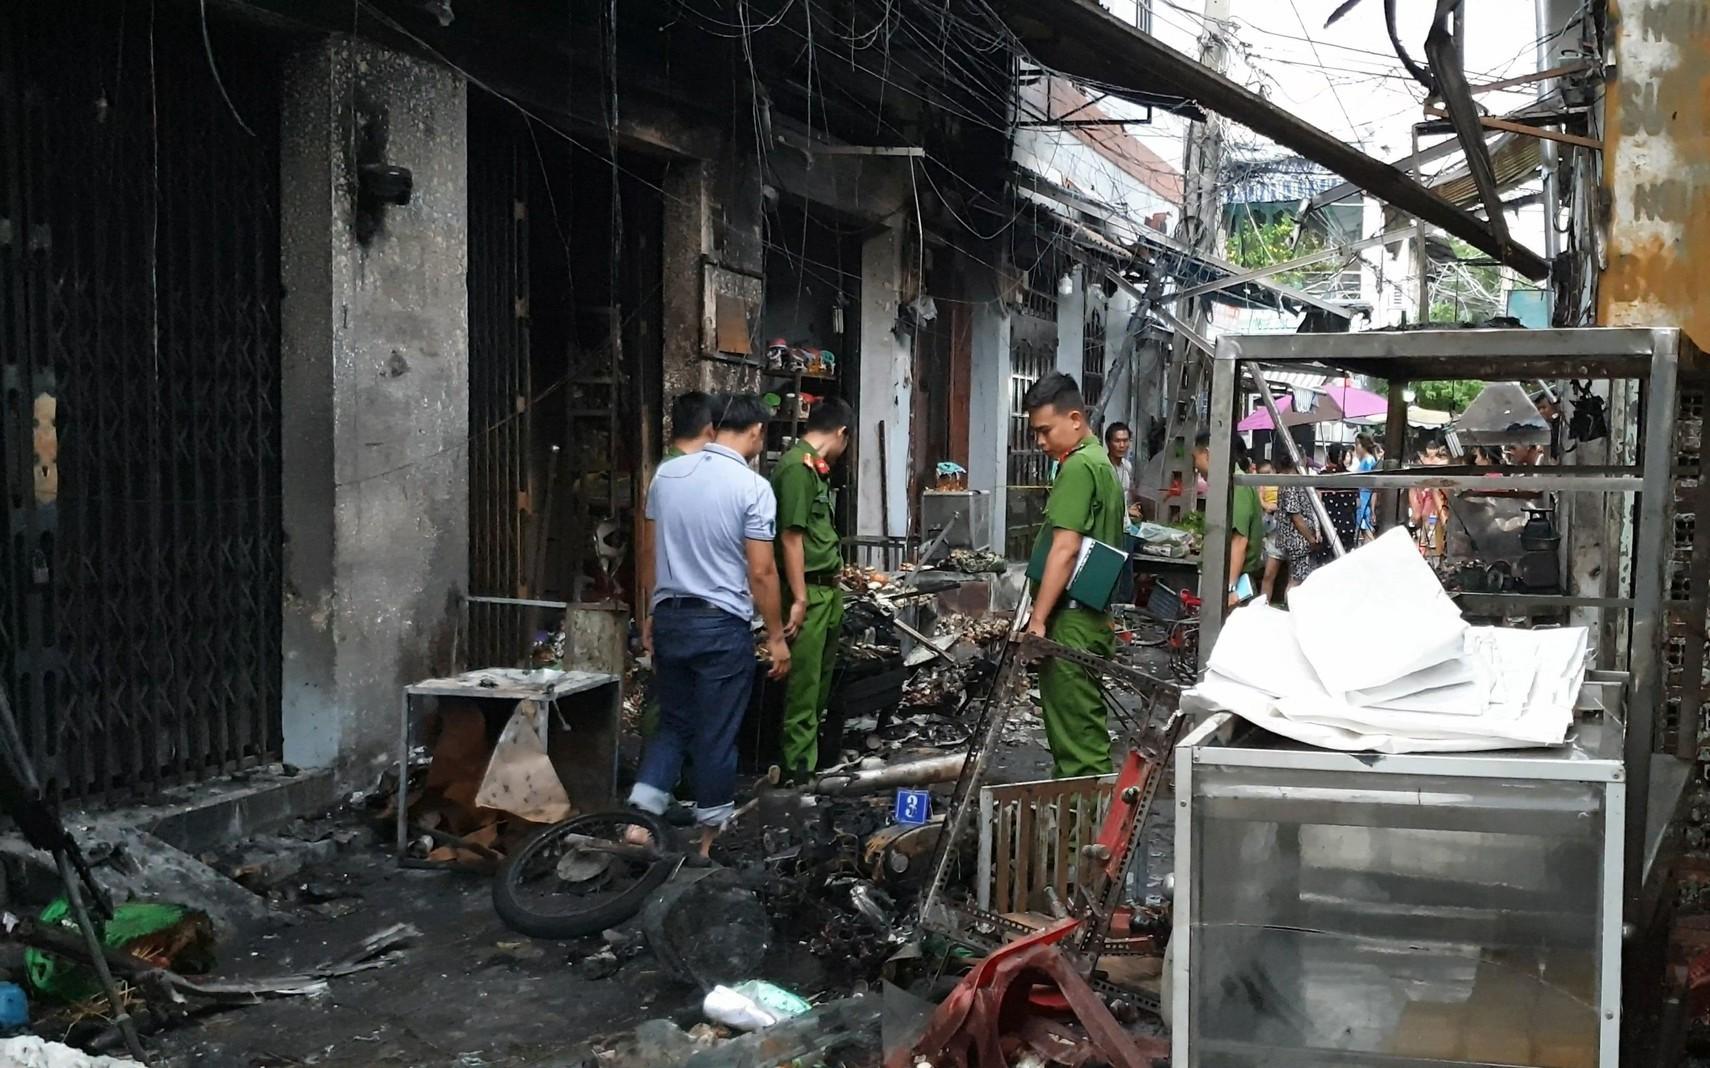 Bình gas bị rơi trong hẻm khiến 6 ki ốt ở Sài Gòn bị cháy rụi, người dân leo tường thoát thân